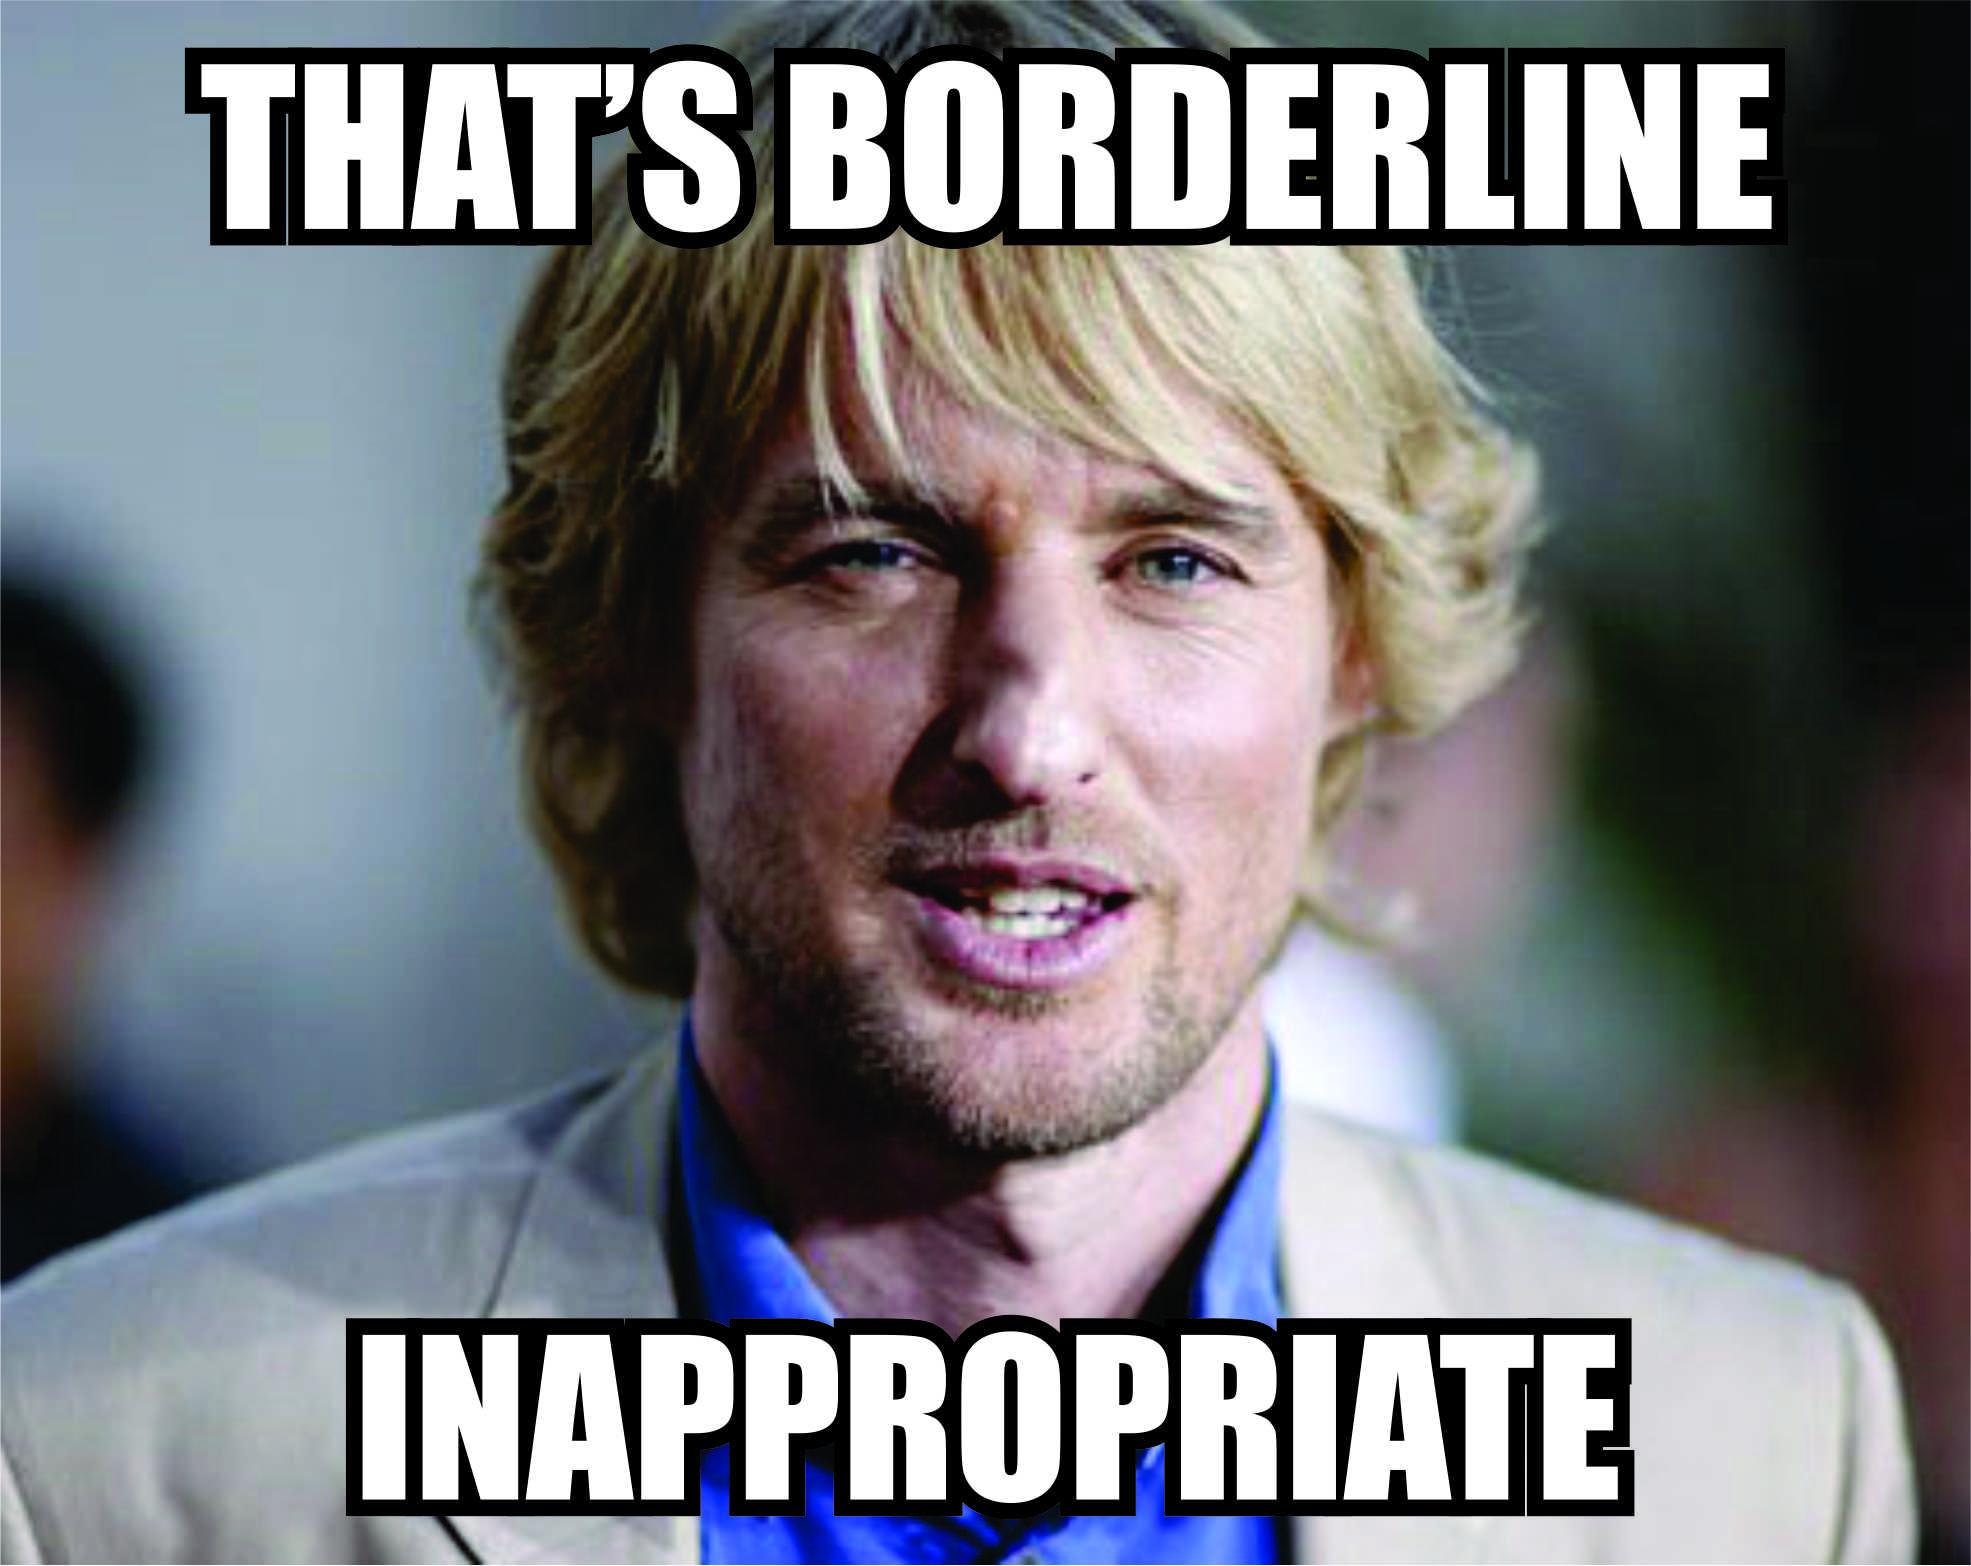 borderline_inappropriate